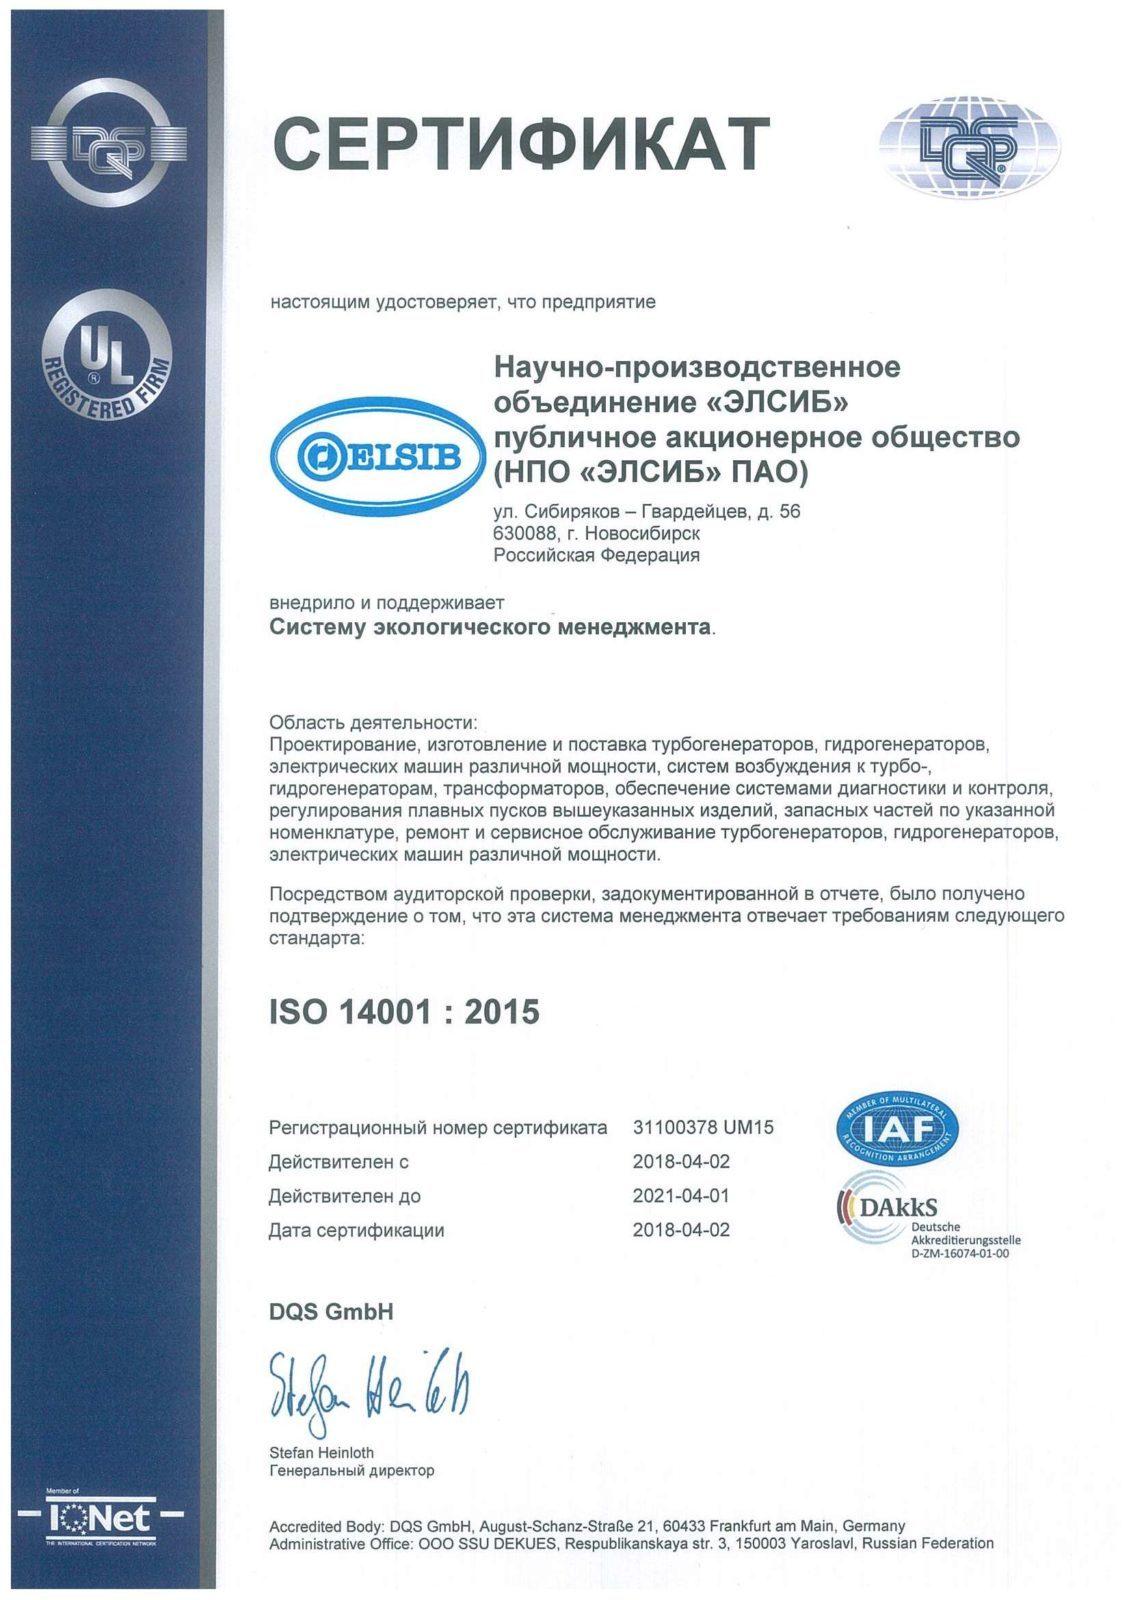 Срок действия сертификата исо 14001 сертификация осущес